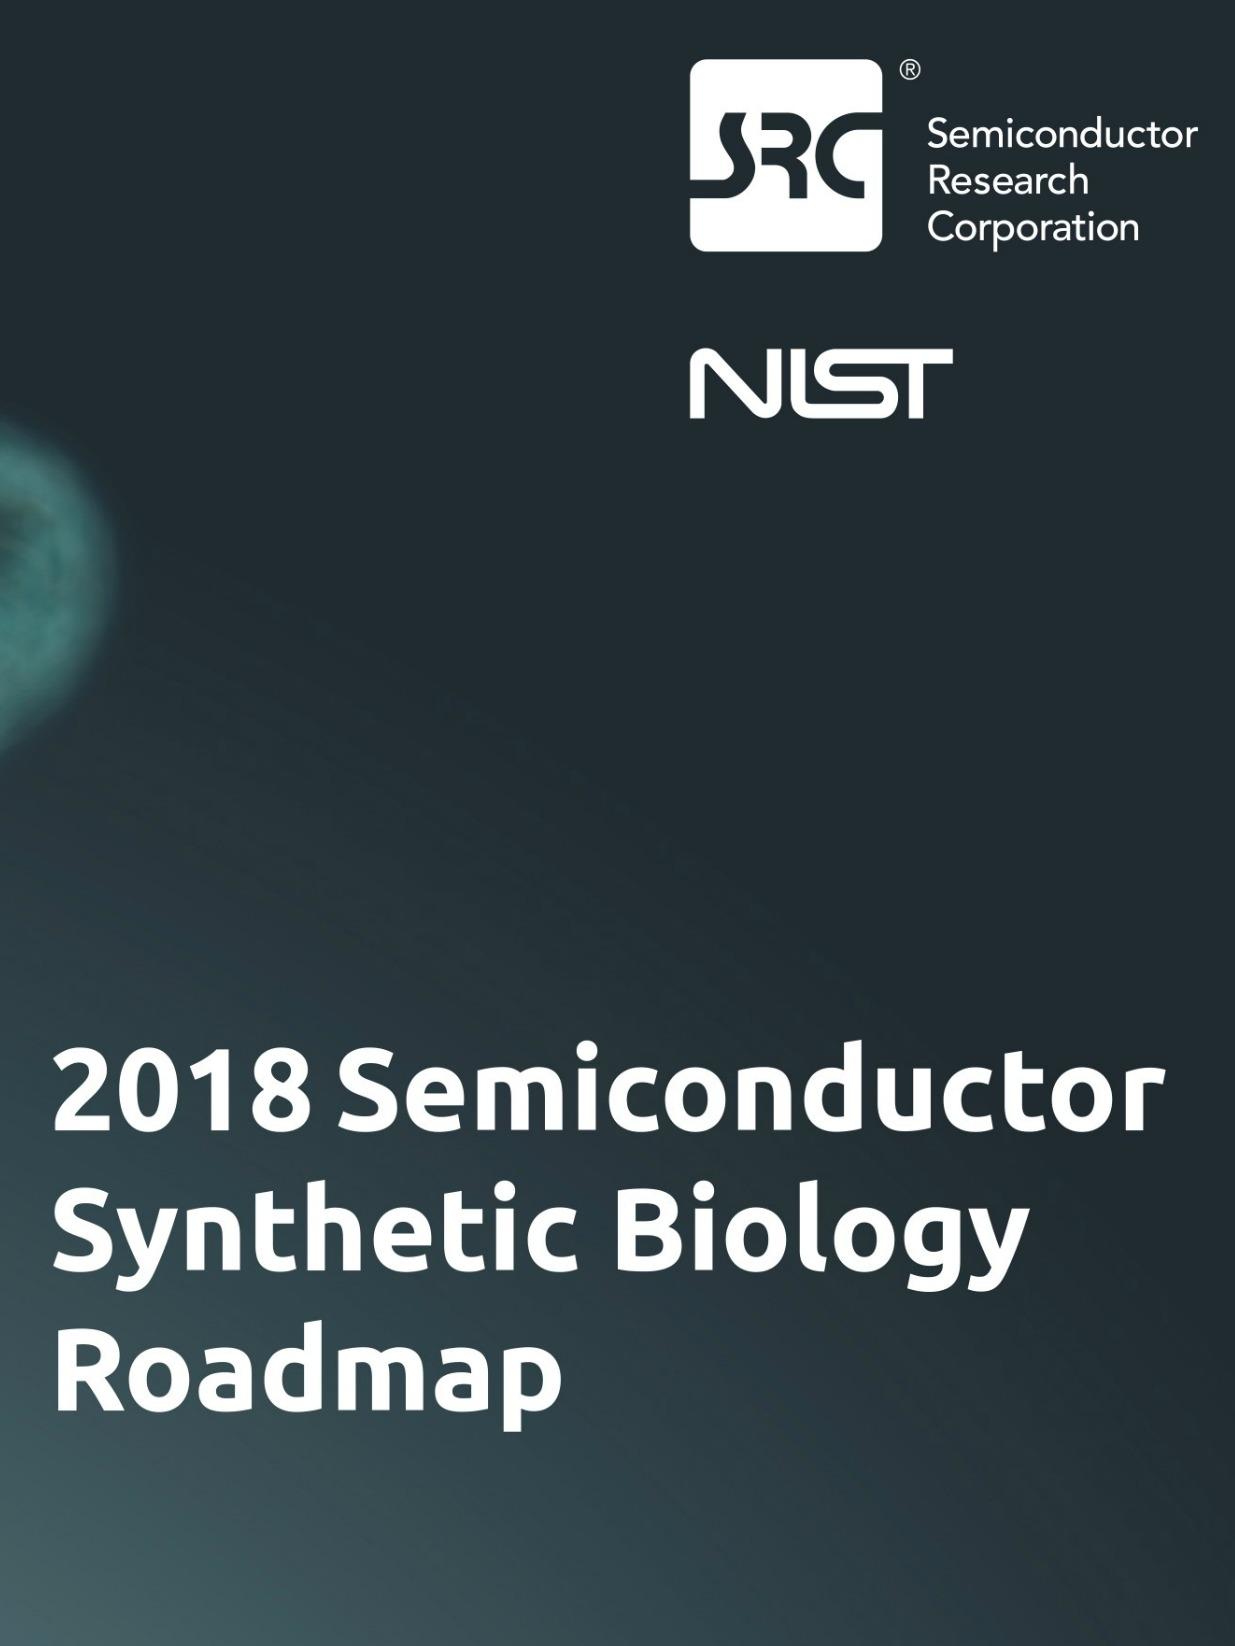 SemiSynBio Consortium and Roadmap - SRC